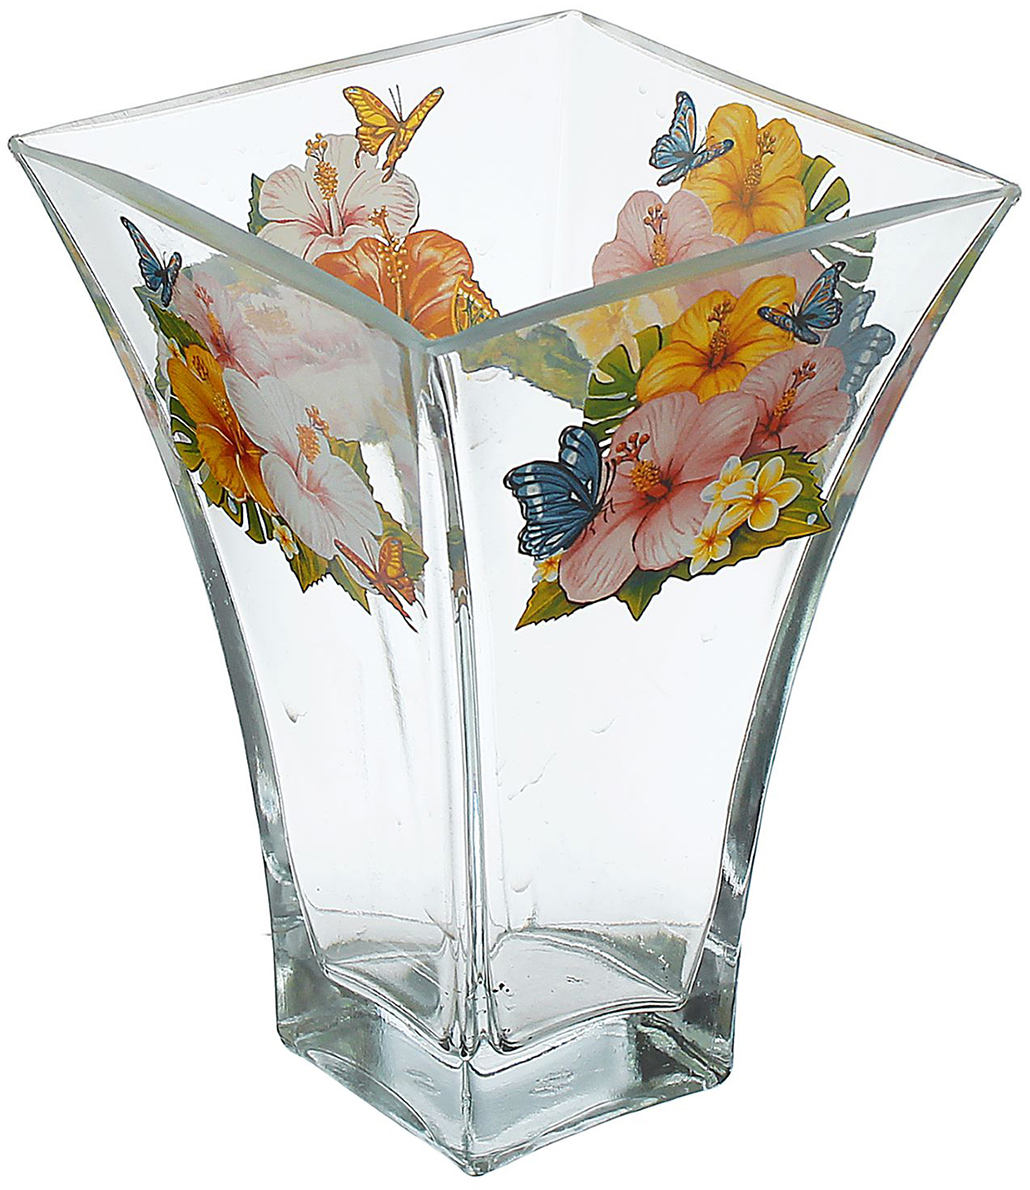 Ваза Ботаника, 20 см. 14664551466455Ваза - не просто сосуд для букета, а украшение убранства. Поставьте в неё цветы или декоративные веточки, и эффектный интерьерный акцент готов! Стеклянный аксессуар добавит помещению лёгкости. Ваза Ботаника, райский сад преобразит пространство и как самостоятельный элемент декора. Наполните интерьер уютом! Каждая ваза выдувается мастером. Второй точно такой же не встретить. А случайный пузырёк воздуха или застывшая стеклянная капелька на горлышке лишь подчёркивают её уникальность.